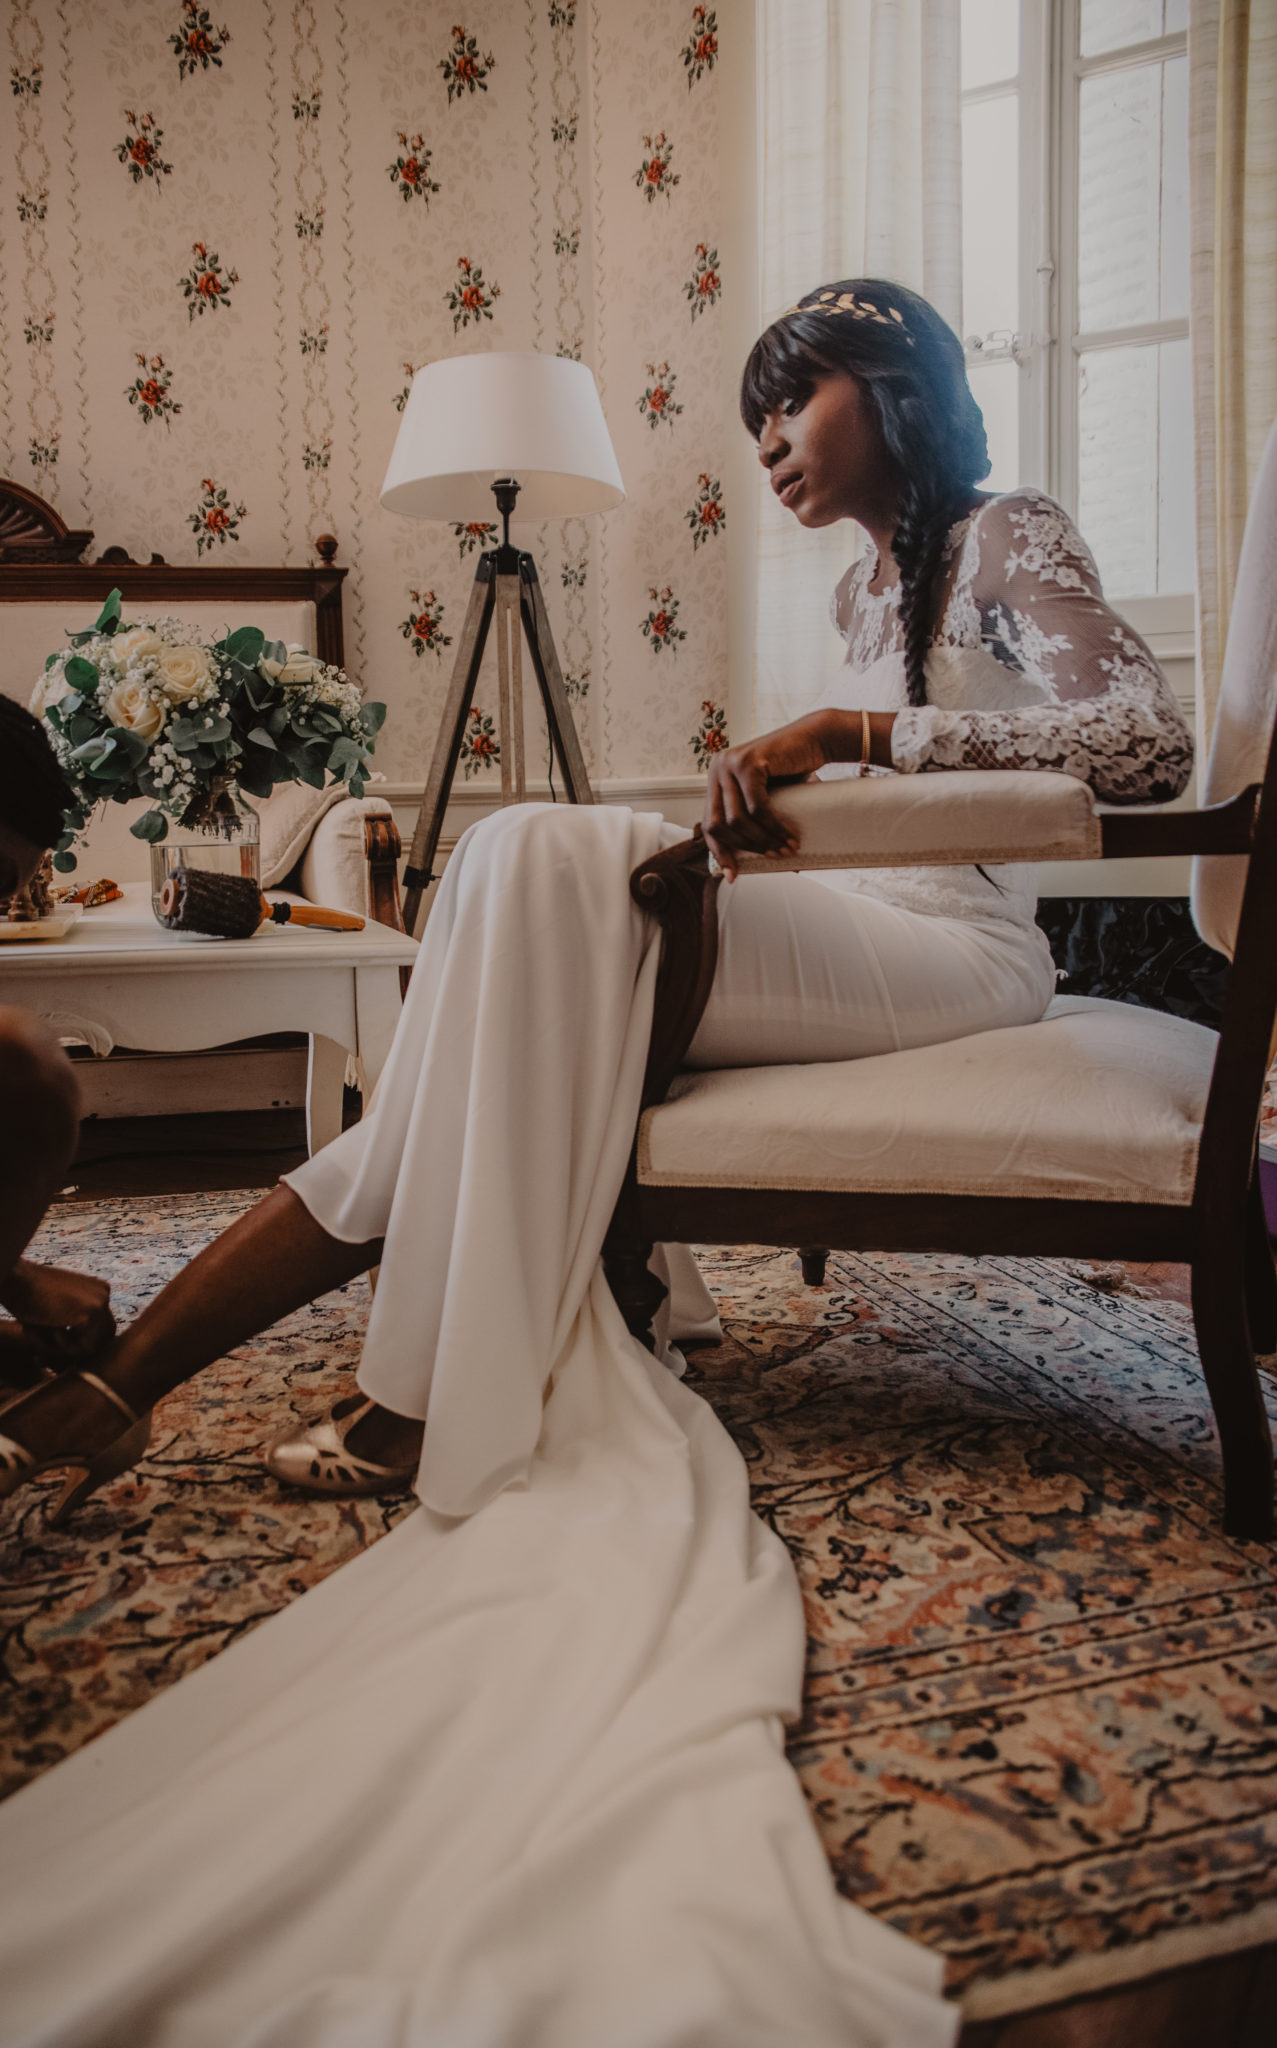 photographe reportage photo mariage Bourgogne